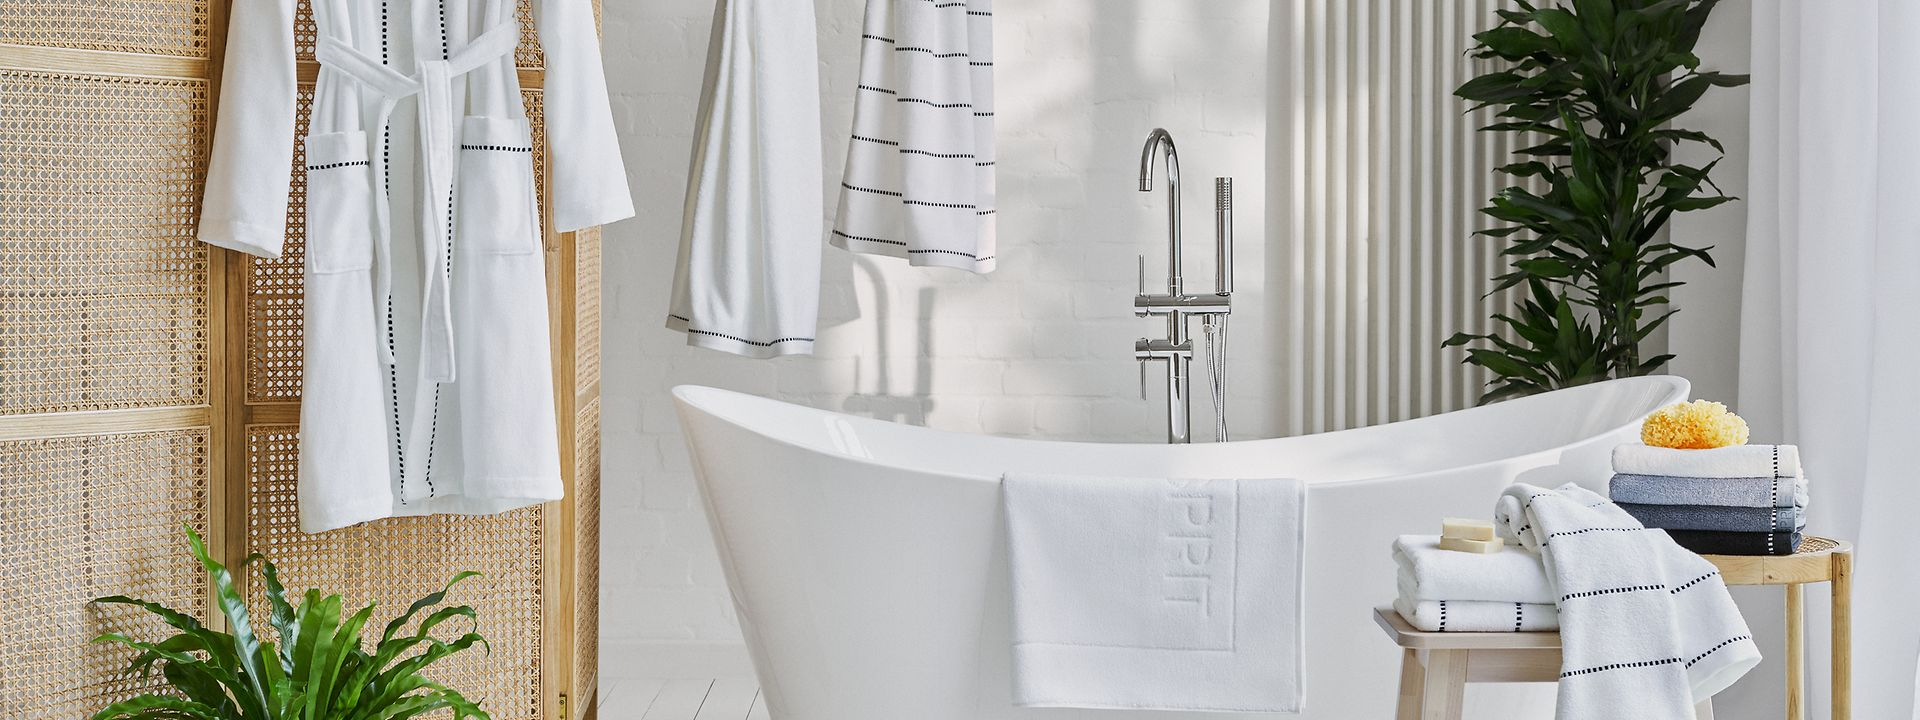 082021 - maison - hero banner - salle de bains - IMG